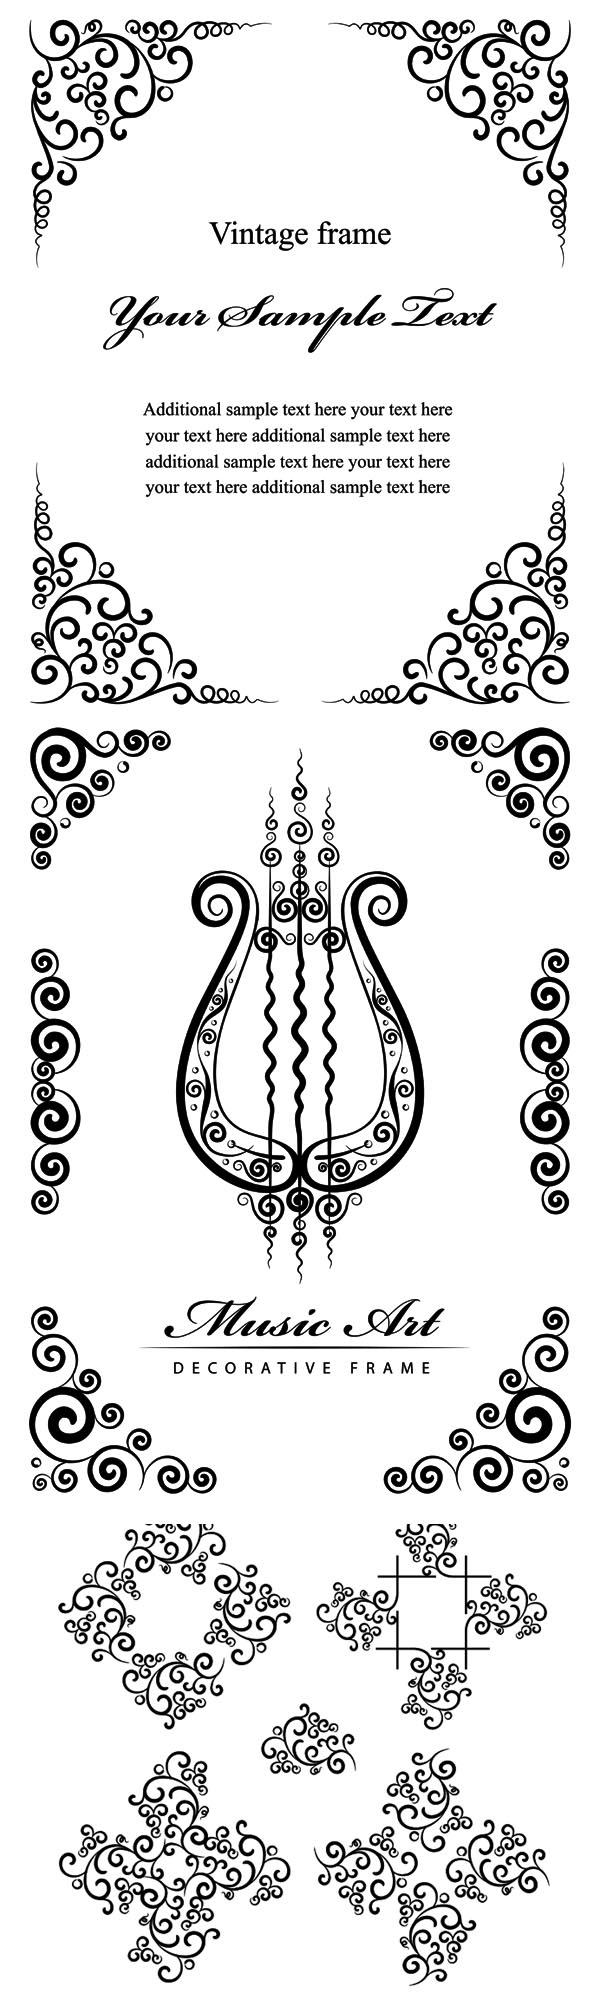 黑色花纹边框矢量素材,黑色,花纹,纹样,边框,花边,样式,底纹,琴,欧式